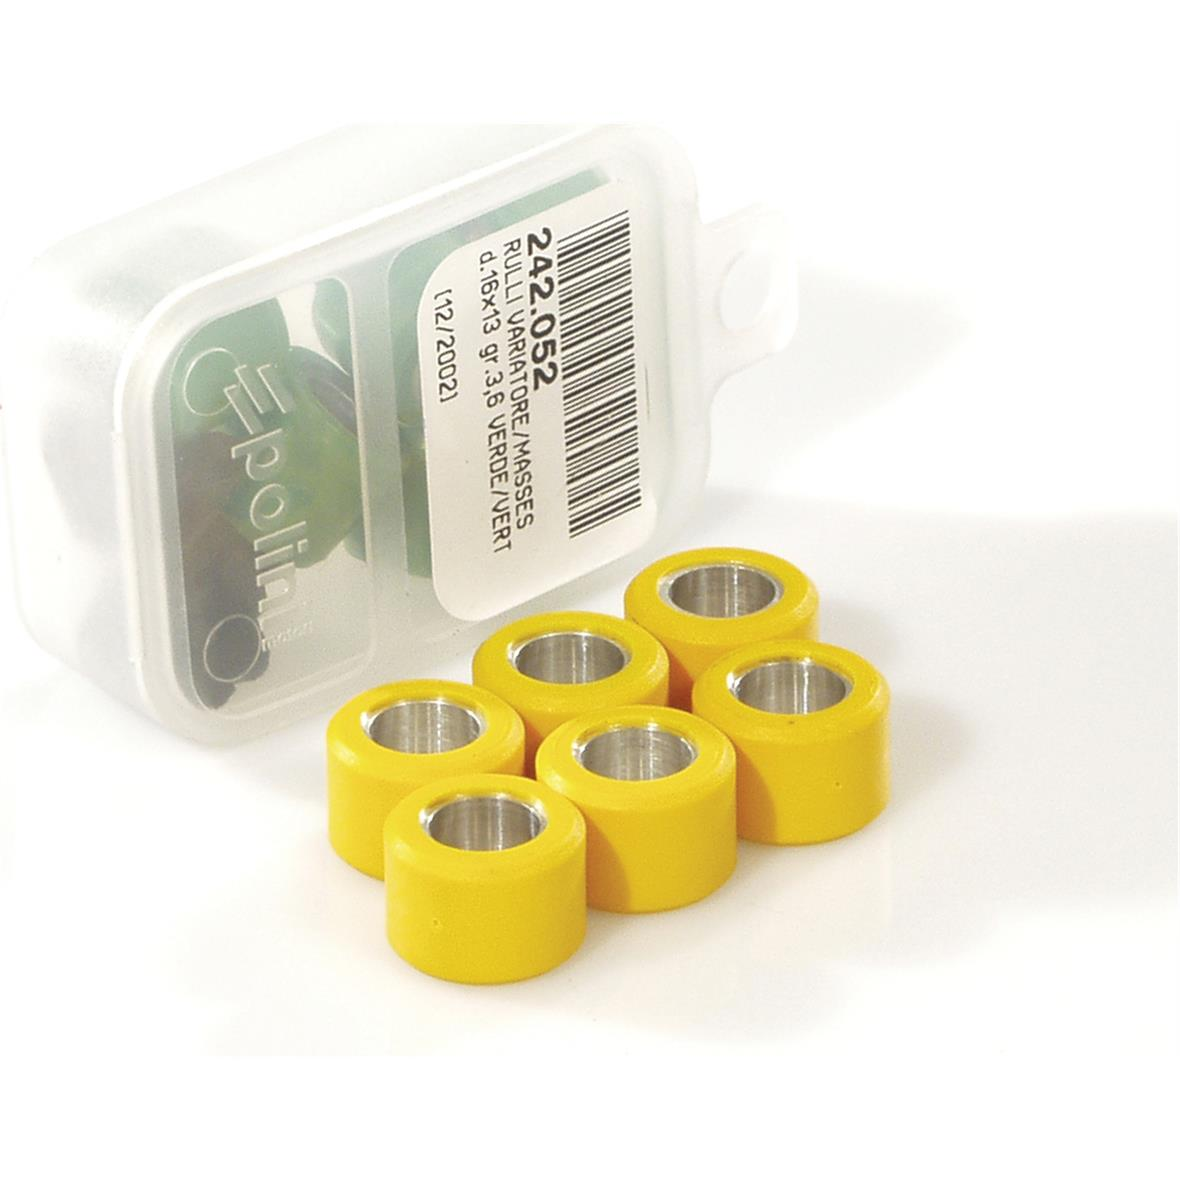 Εικόνα προϊόντος για 'Ράουλα Βαριατόρ POLINI 15x12 mm 6,7 γραμμάριοTitle'